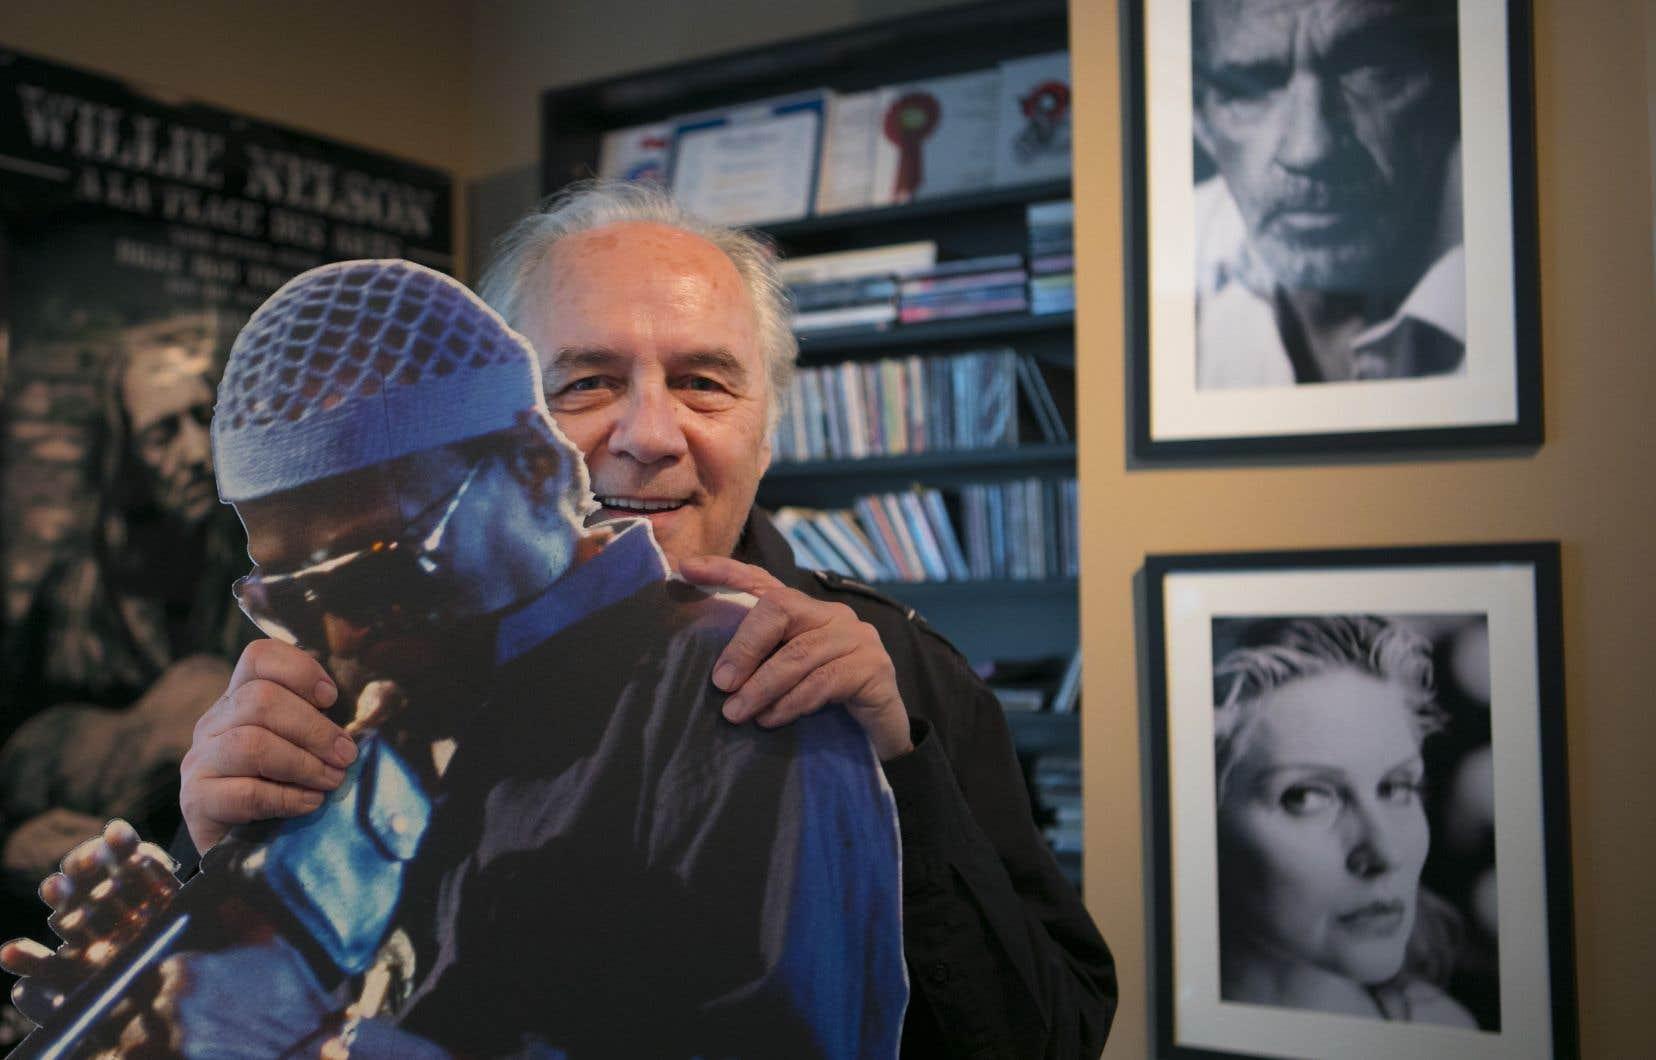 La carrière qu'André Ménard a bâtie autour de sa passion pour la musique s'est construite de la même manière que le jazz fonctionne: avec beaucoup d'improvisation.